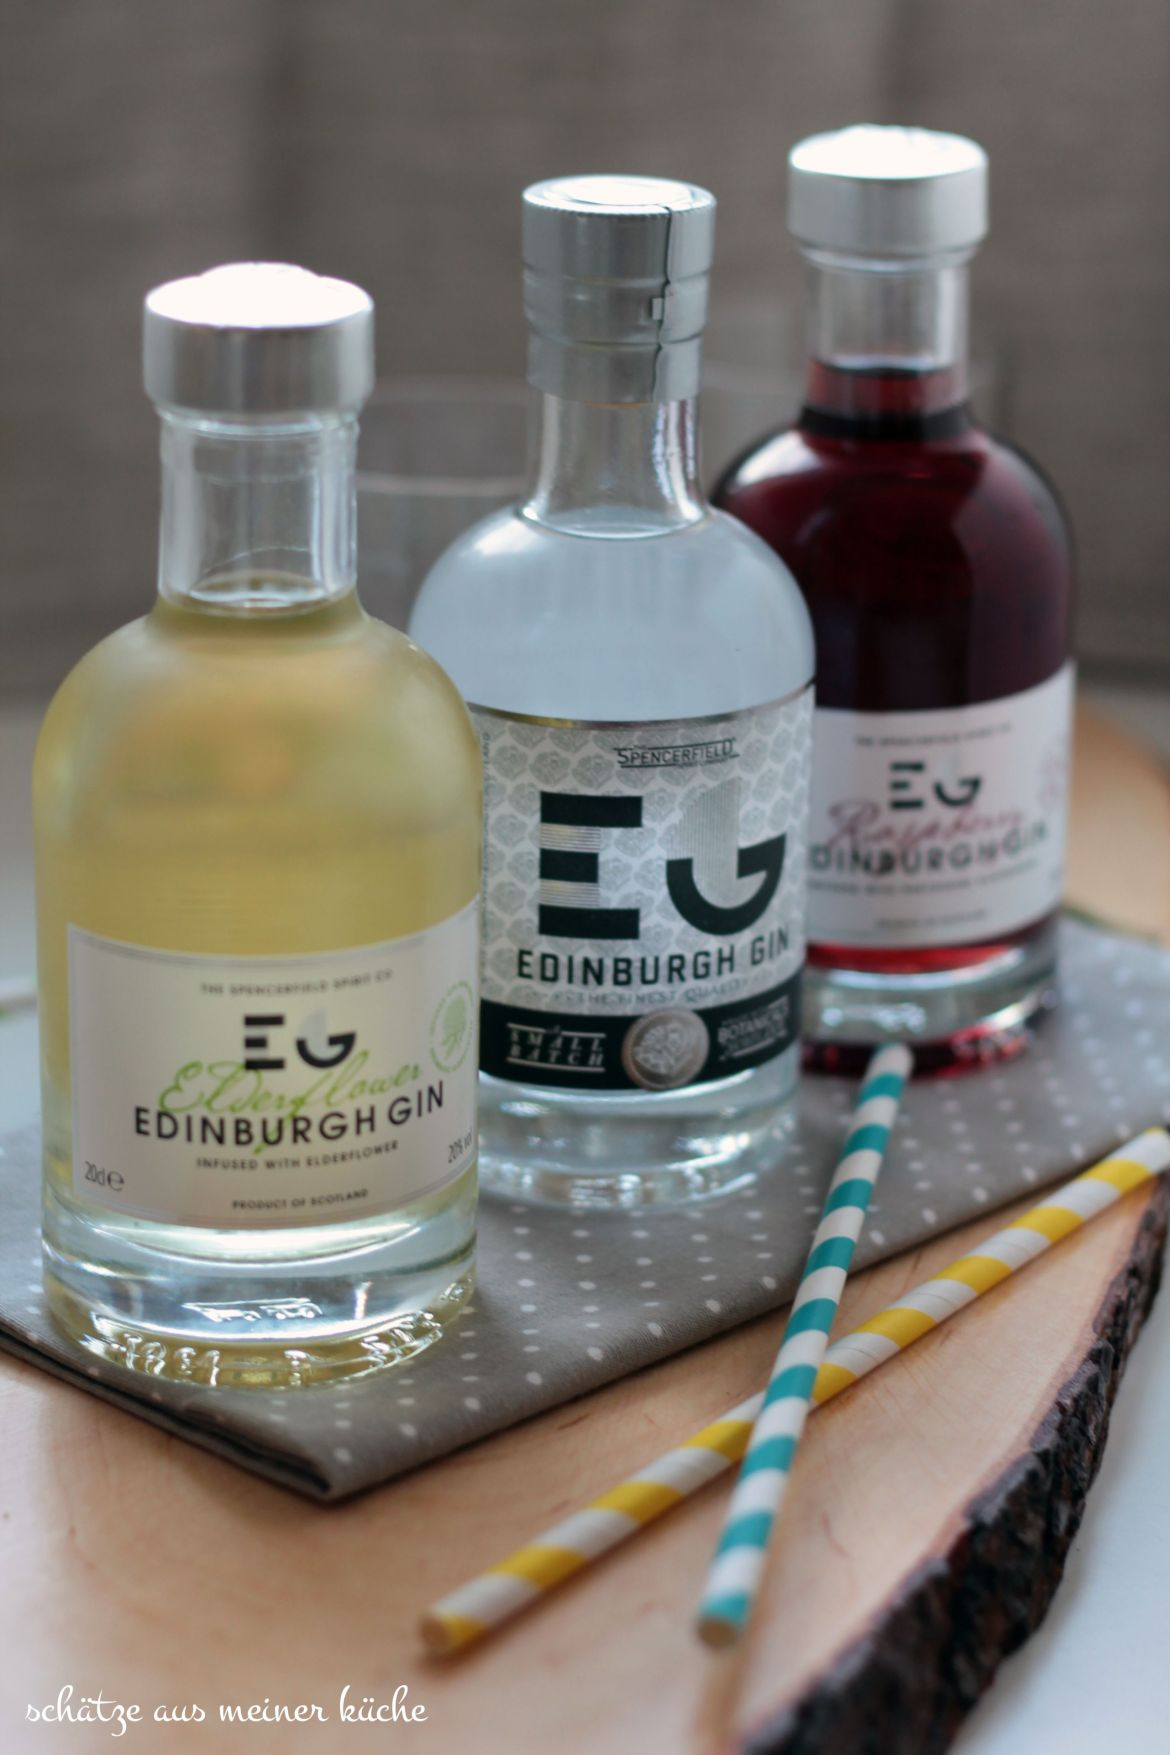 Gin Edinburgh Gin